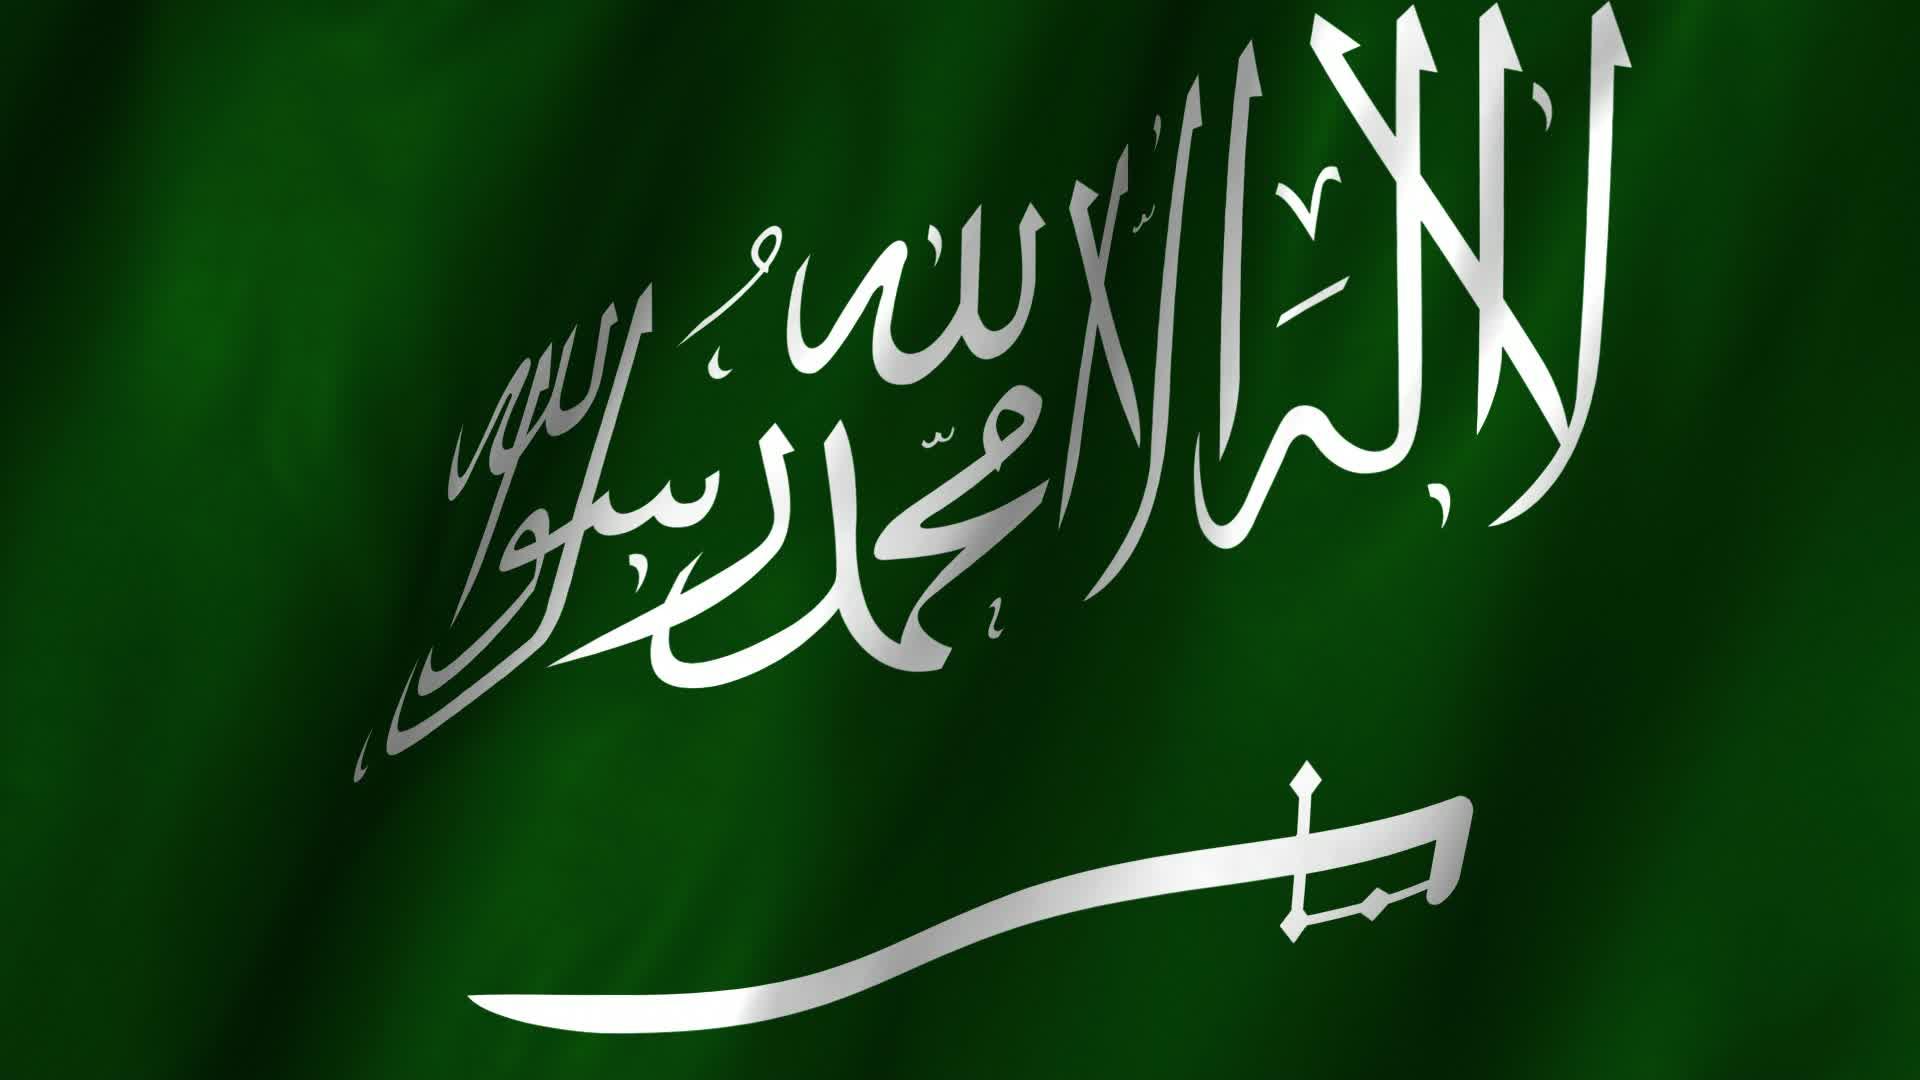 صور صور لليوم الوطني , رمزيات شعار اليوم الوطني السعودي